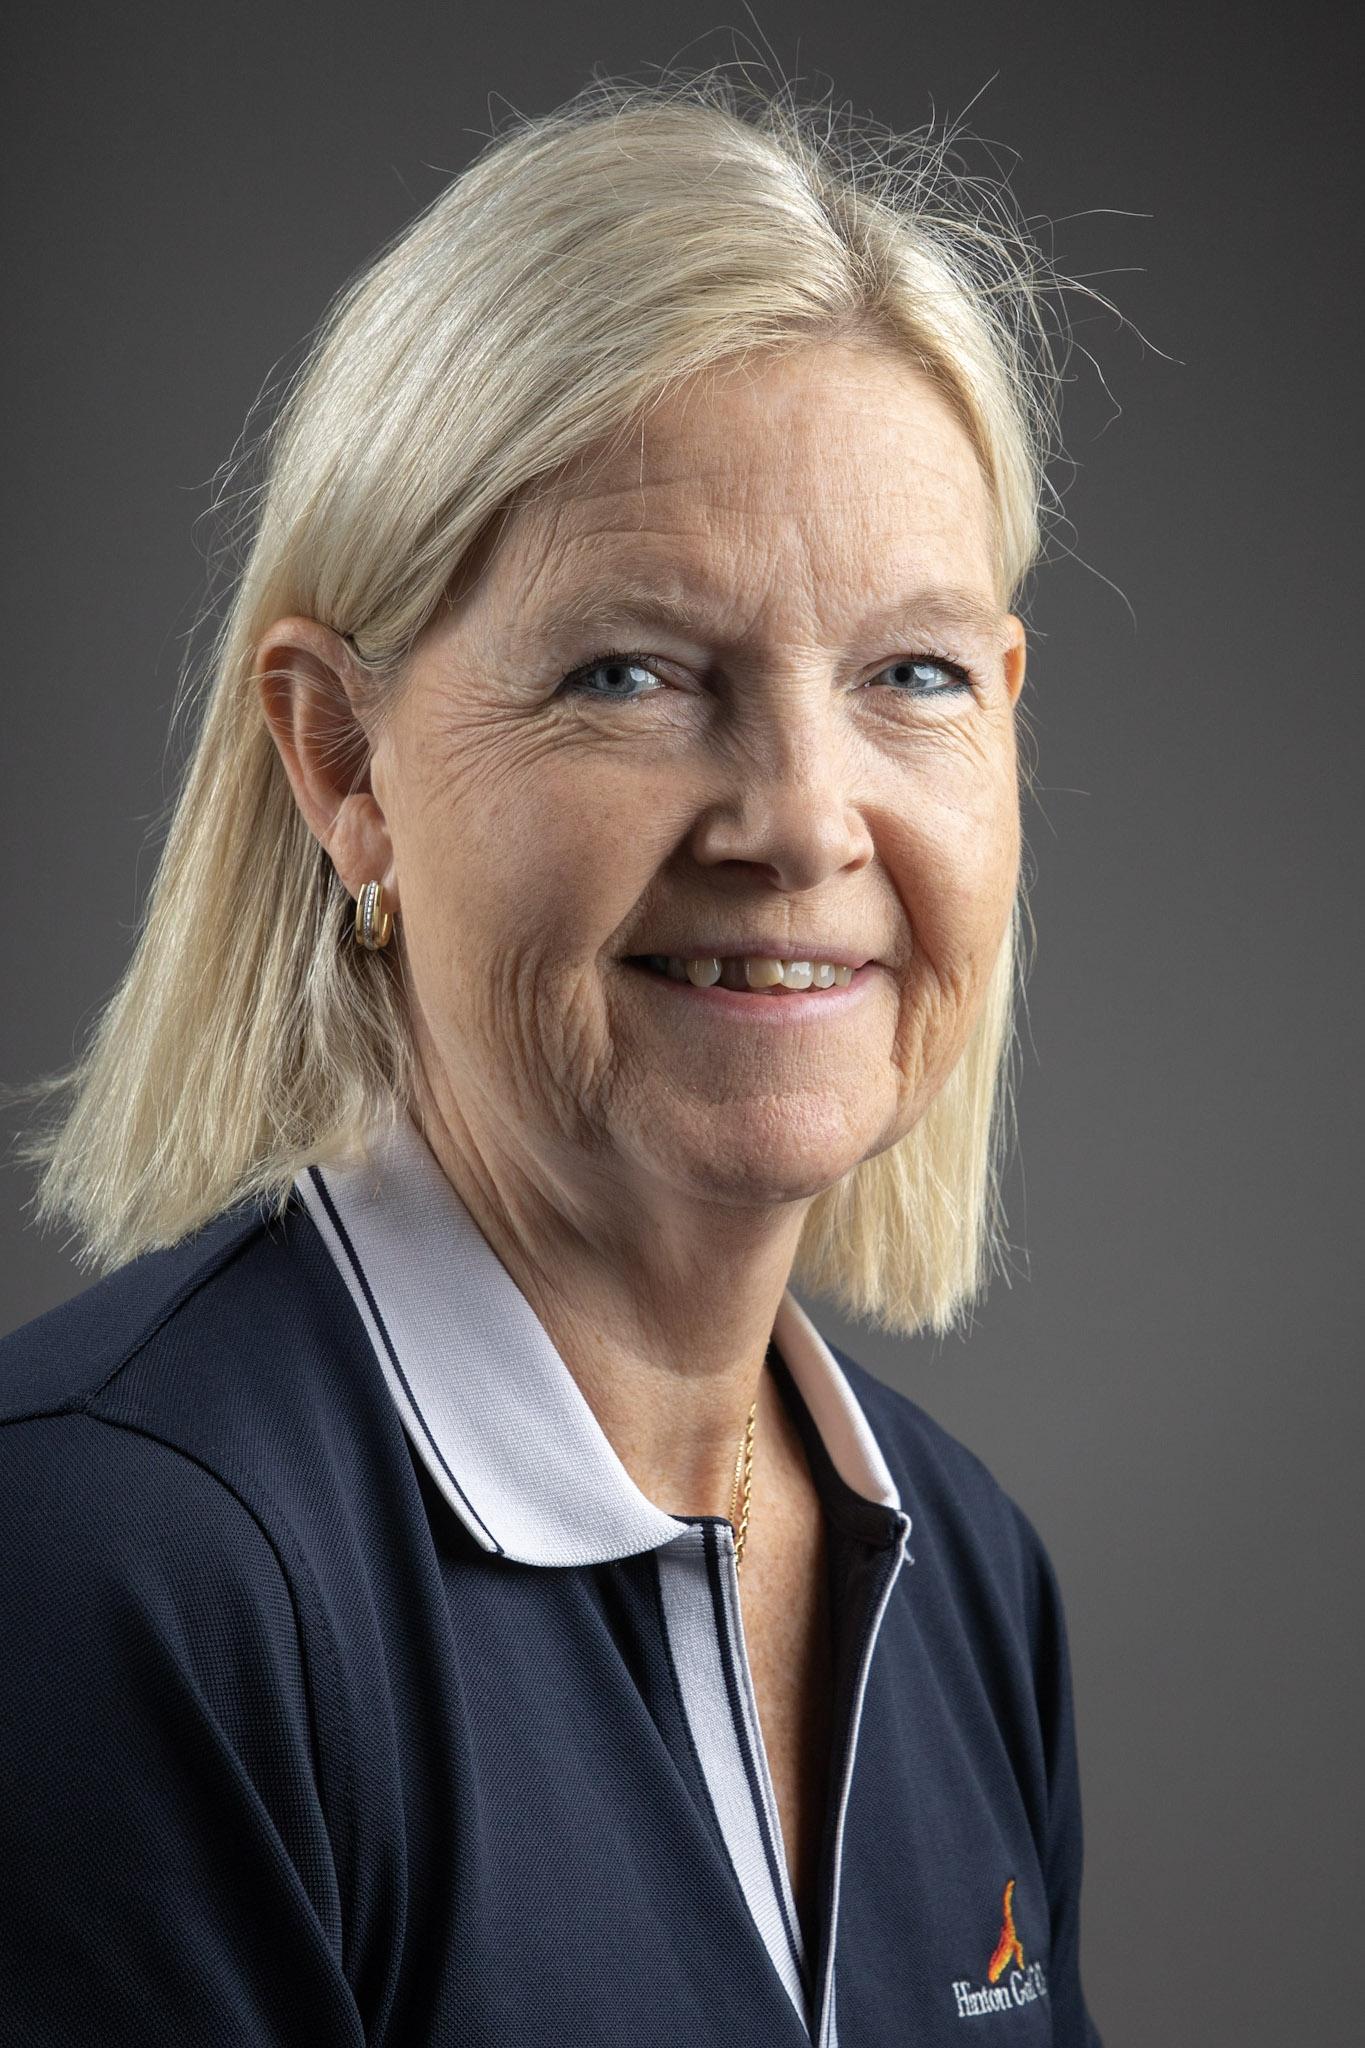 Marie Tiljander